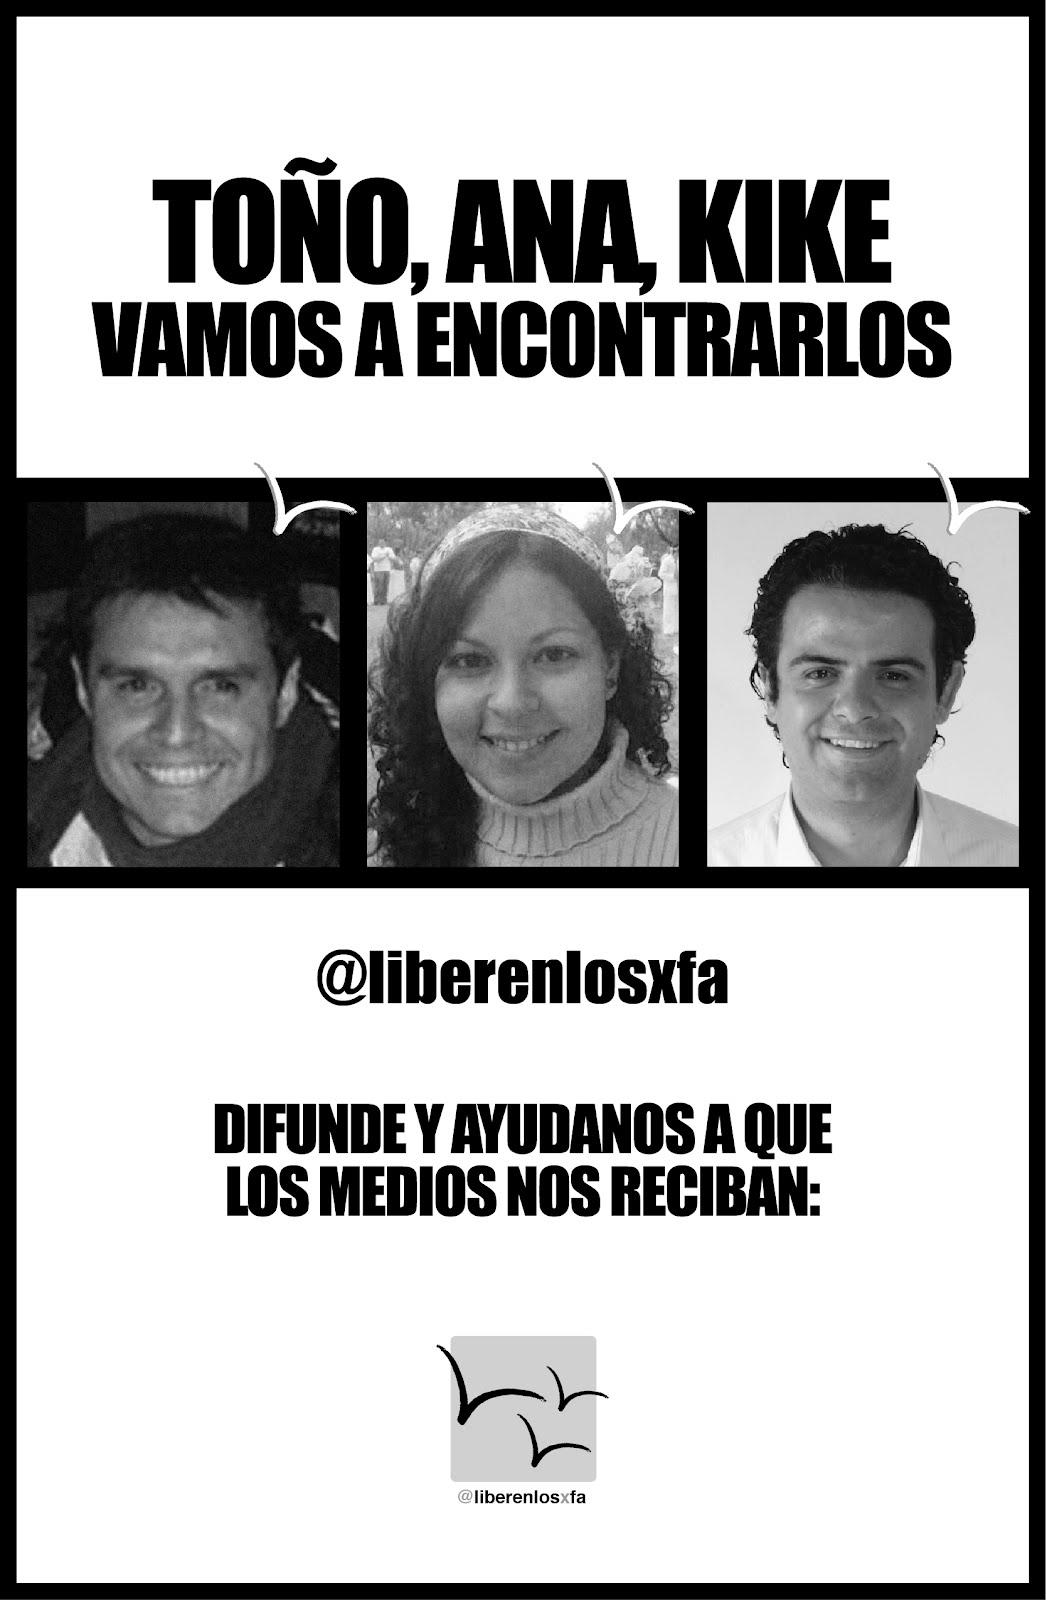 @LIBERENLOSXFA Kike,Ana,Toño, vamos a encontrarlos